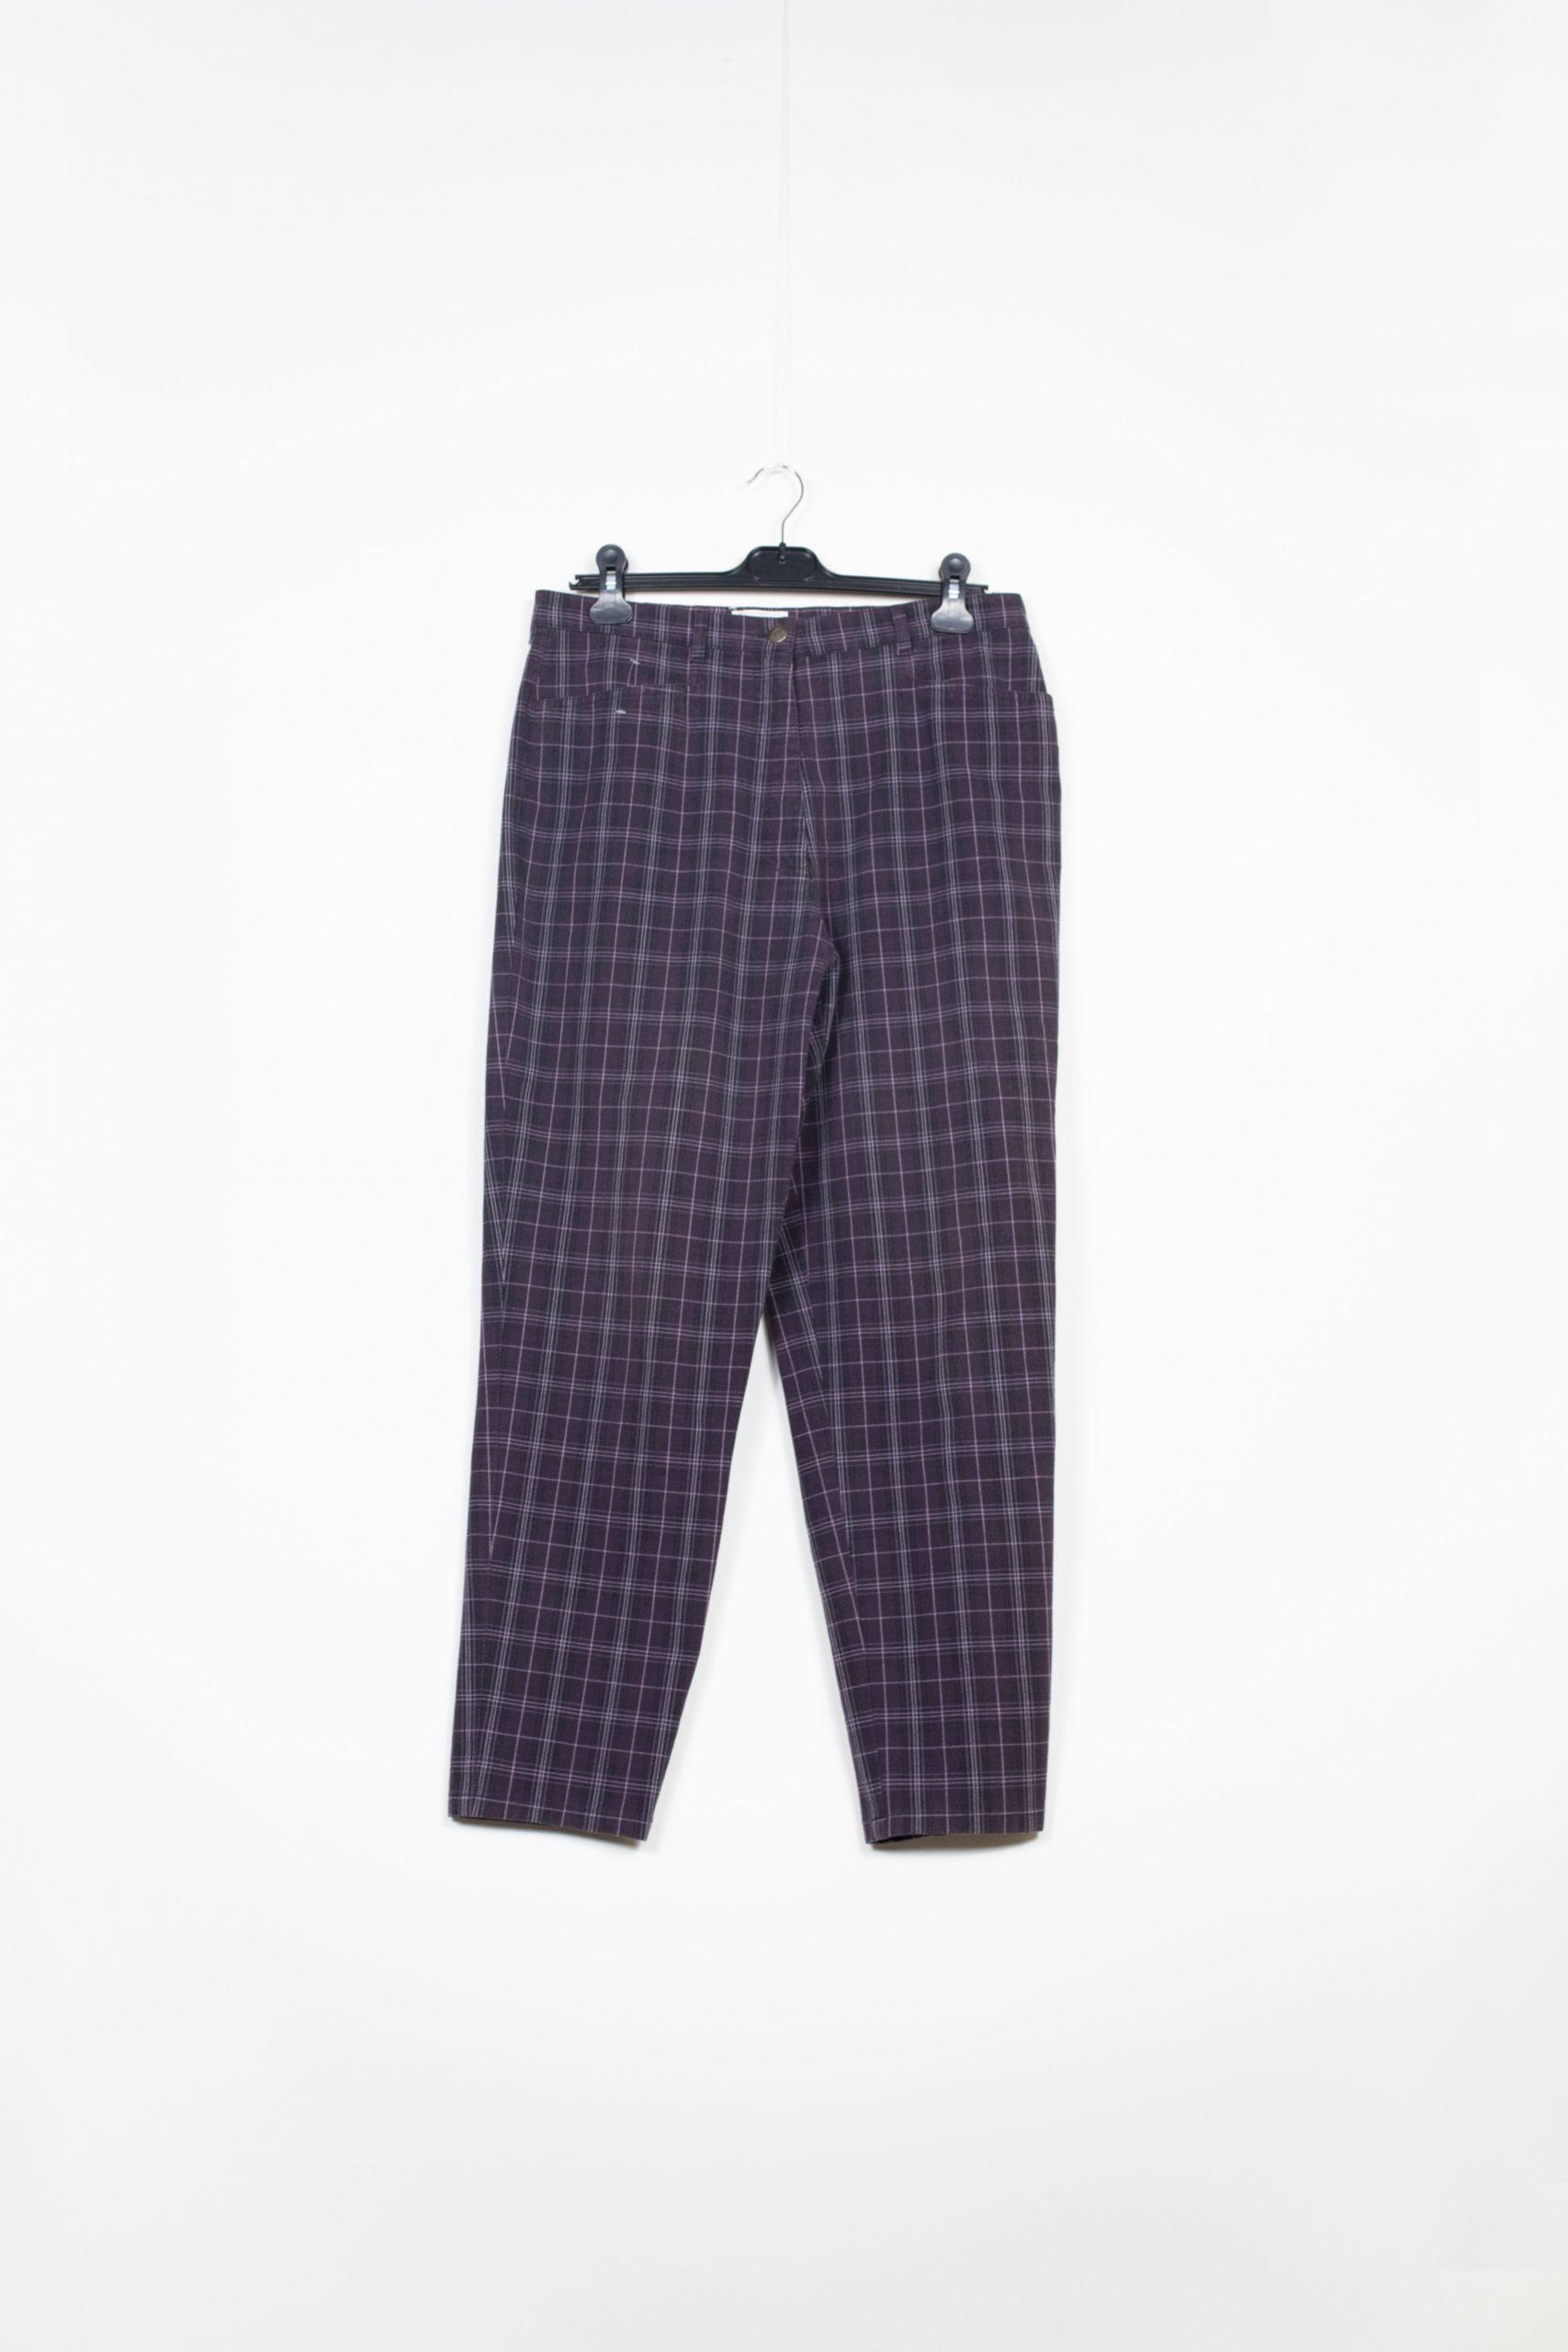 pantalon carreaux violet